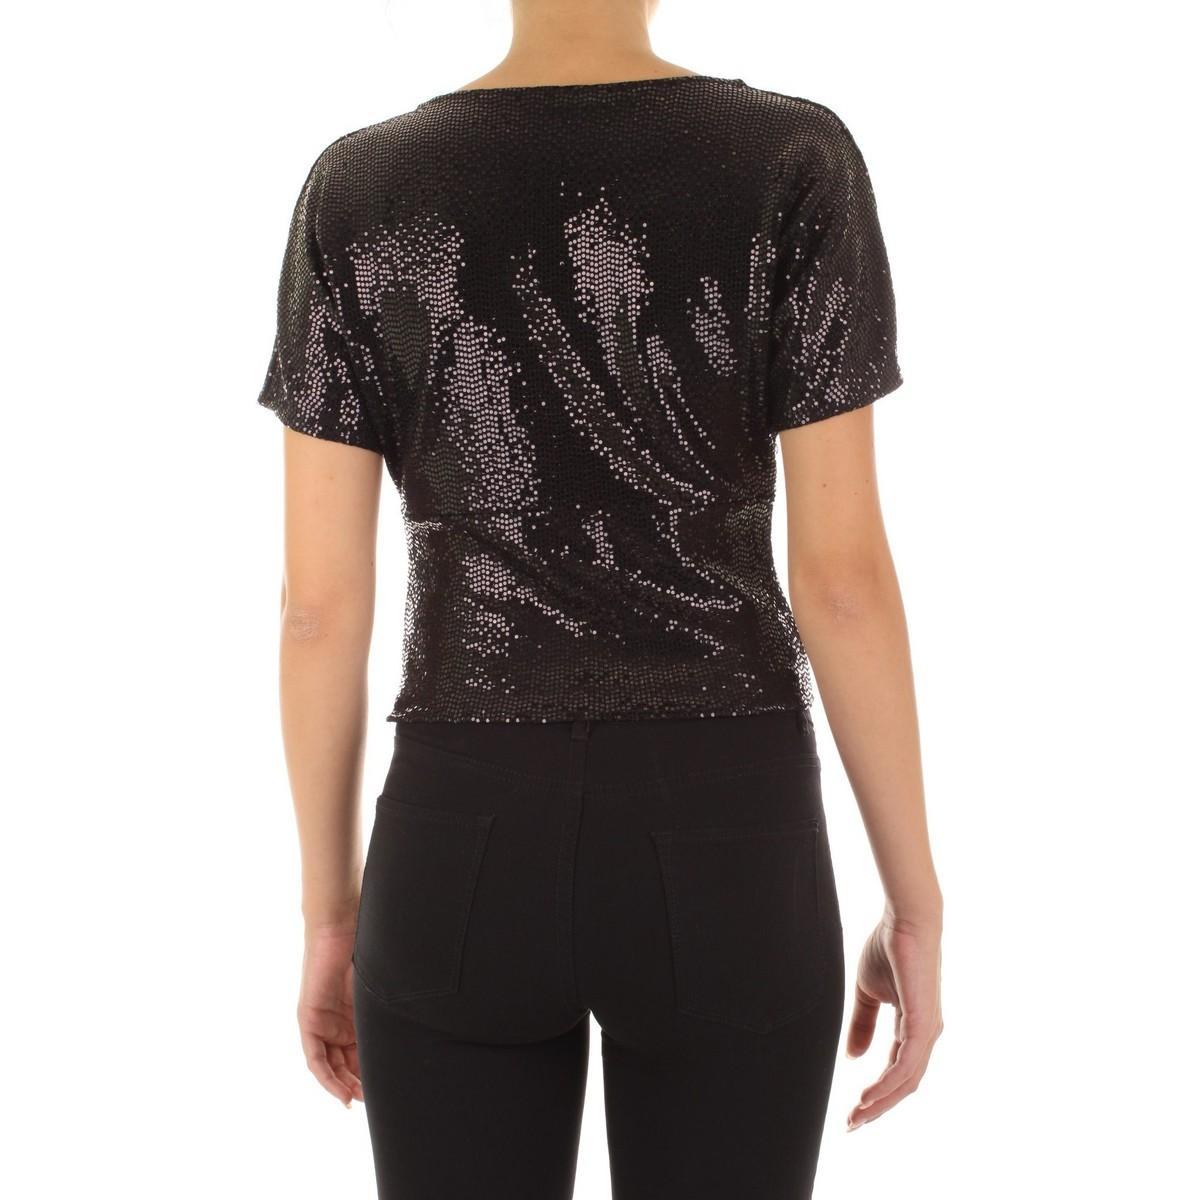 BH26A19 Blouses Angela Davis en coloris Noir